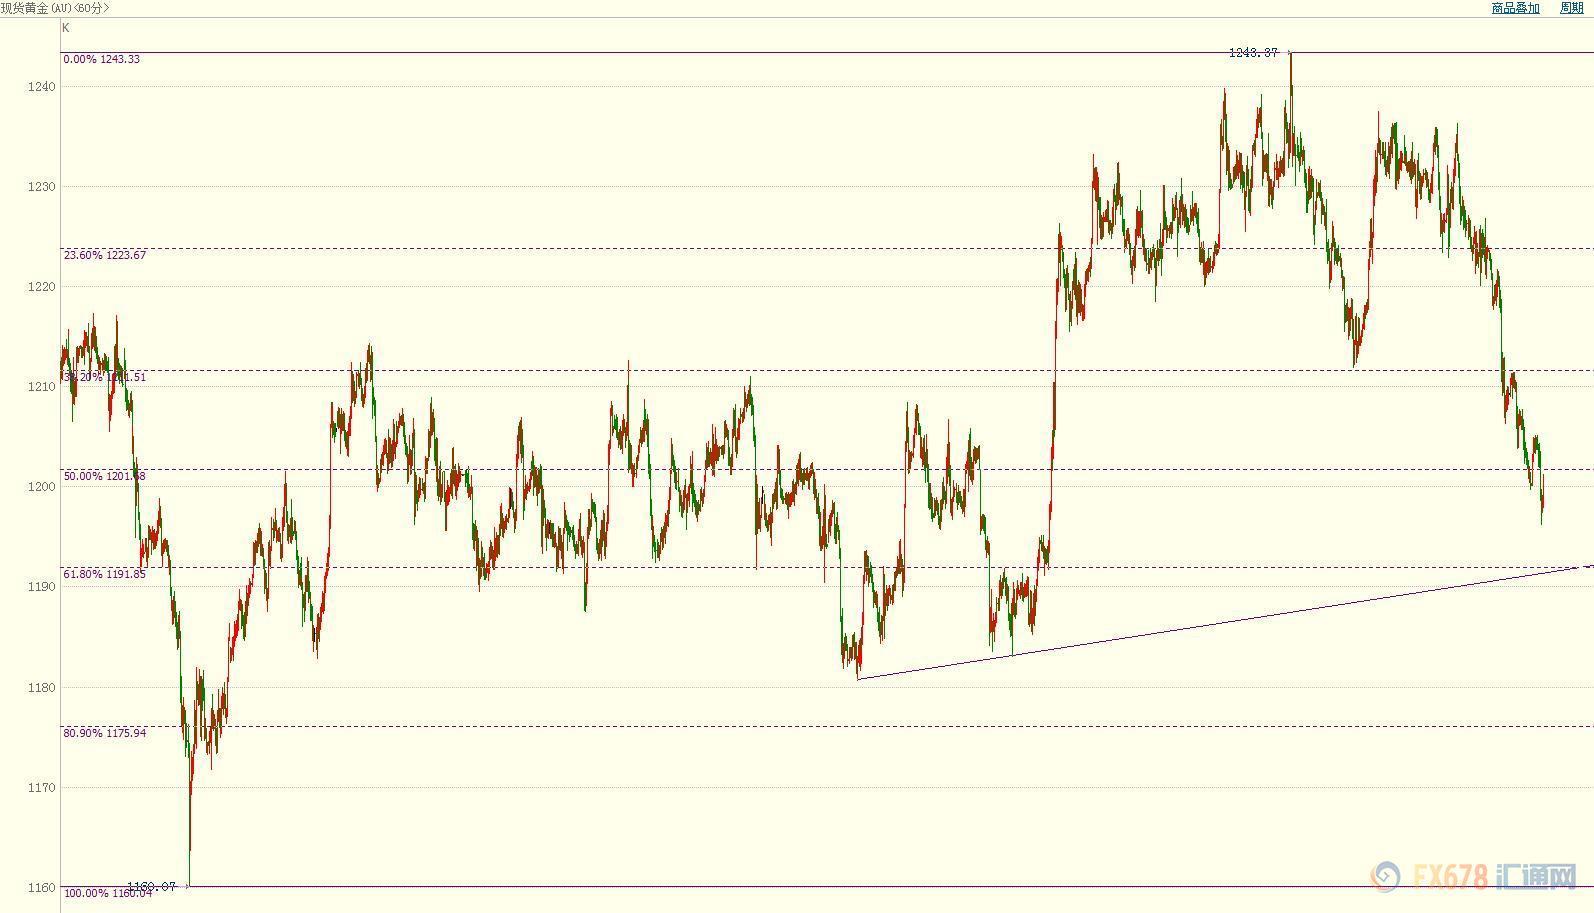 美元求胜路上显孤独,欧系货币成黄金败途中的难兄难弟